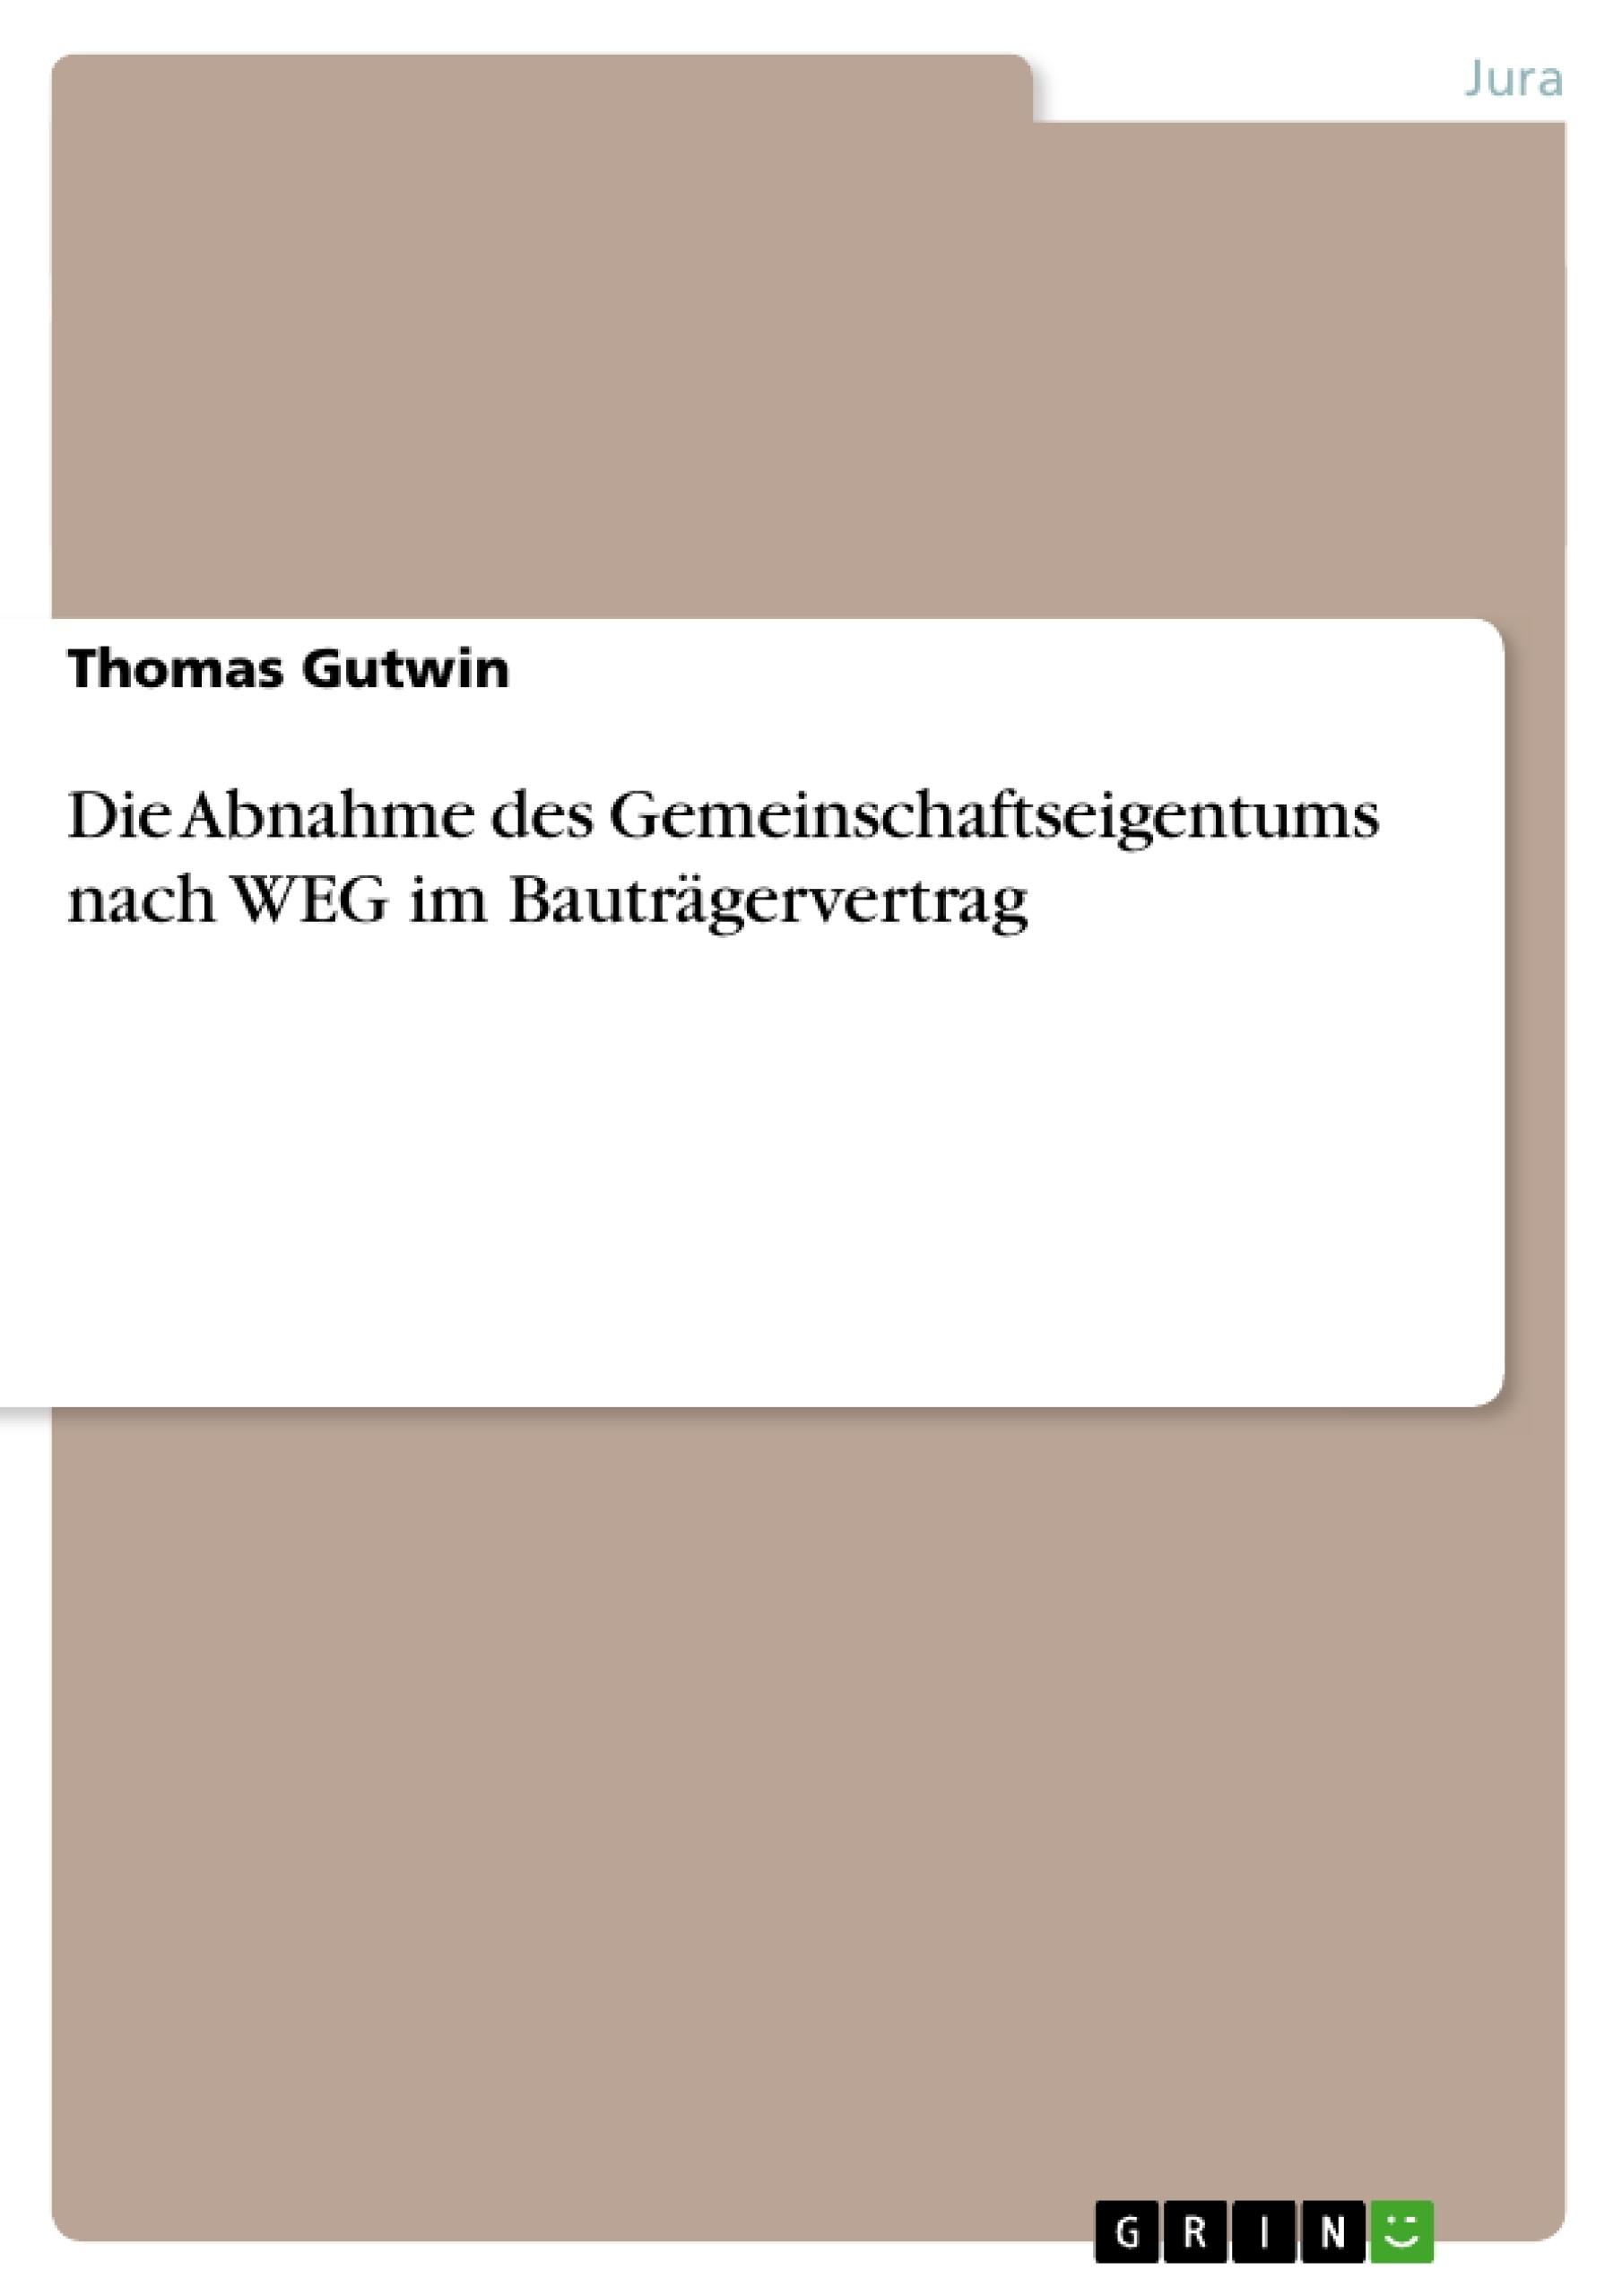 Titel: Die Abnahme des Gemeinschaftseigentums nach WEG im Bauträgervertrag